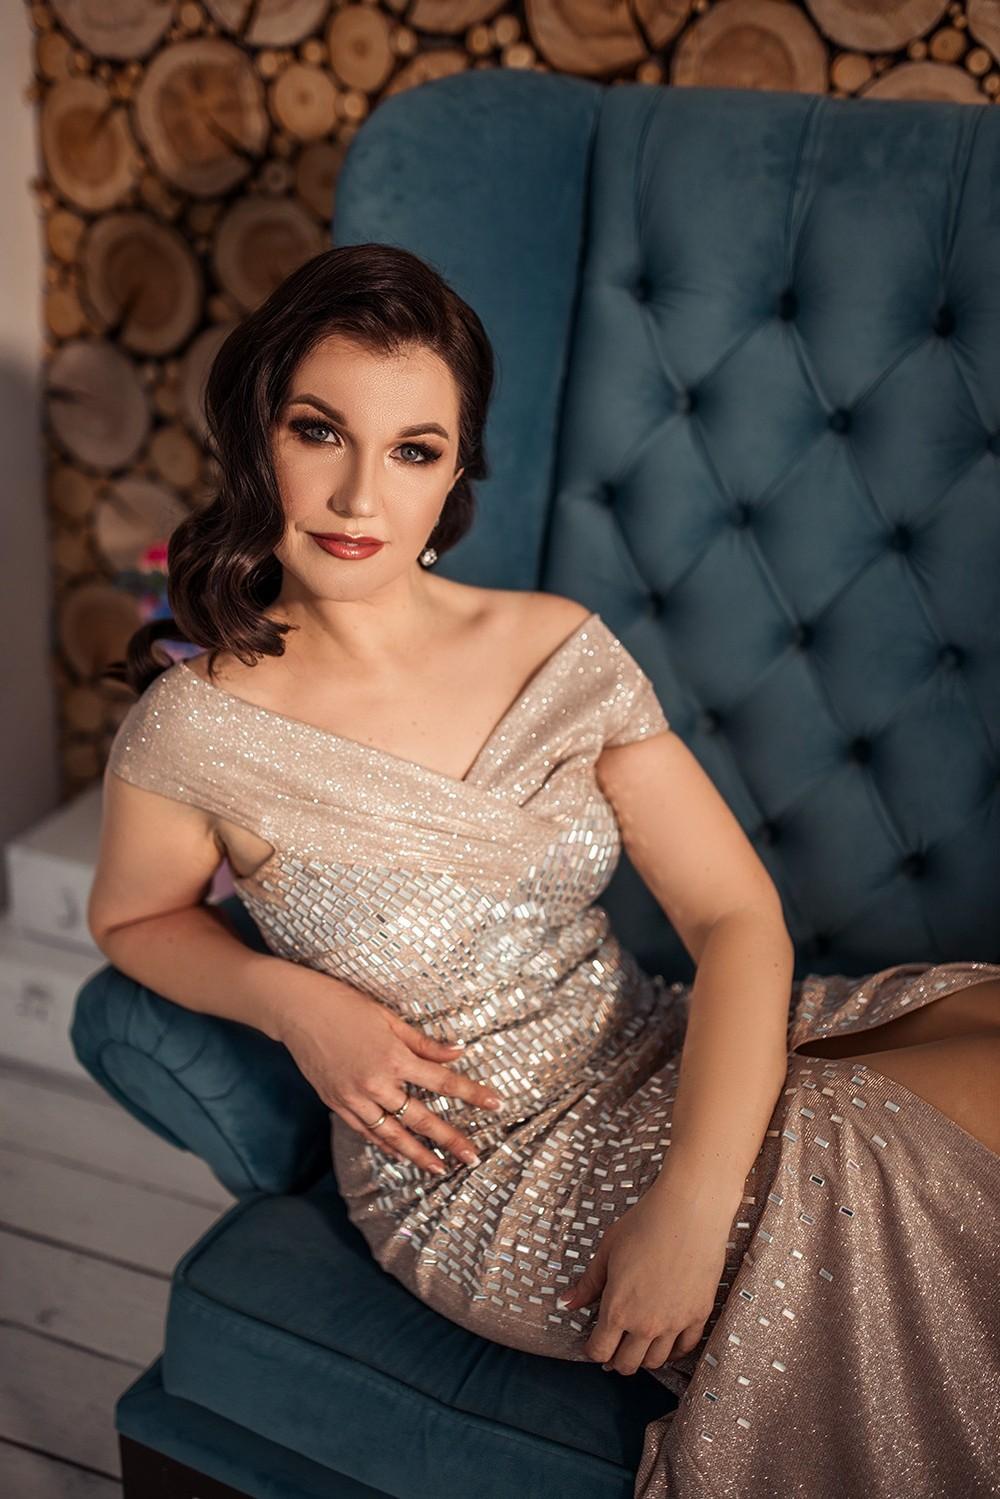 Женские портреты - Ирина